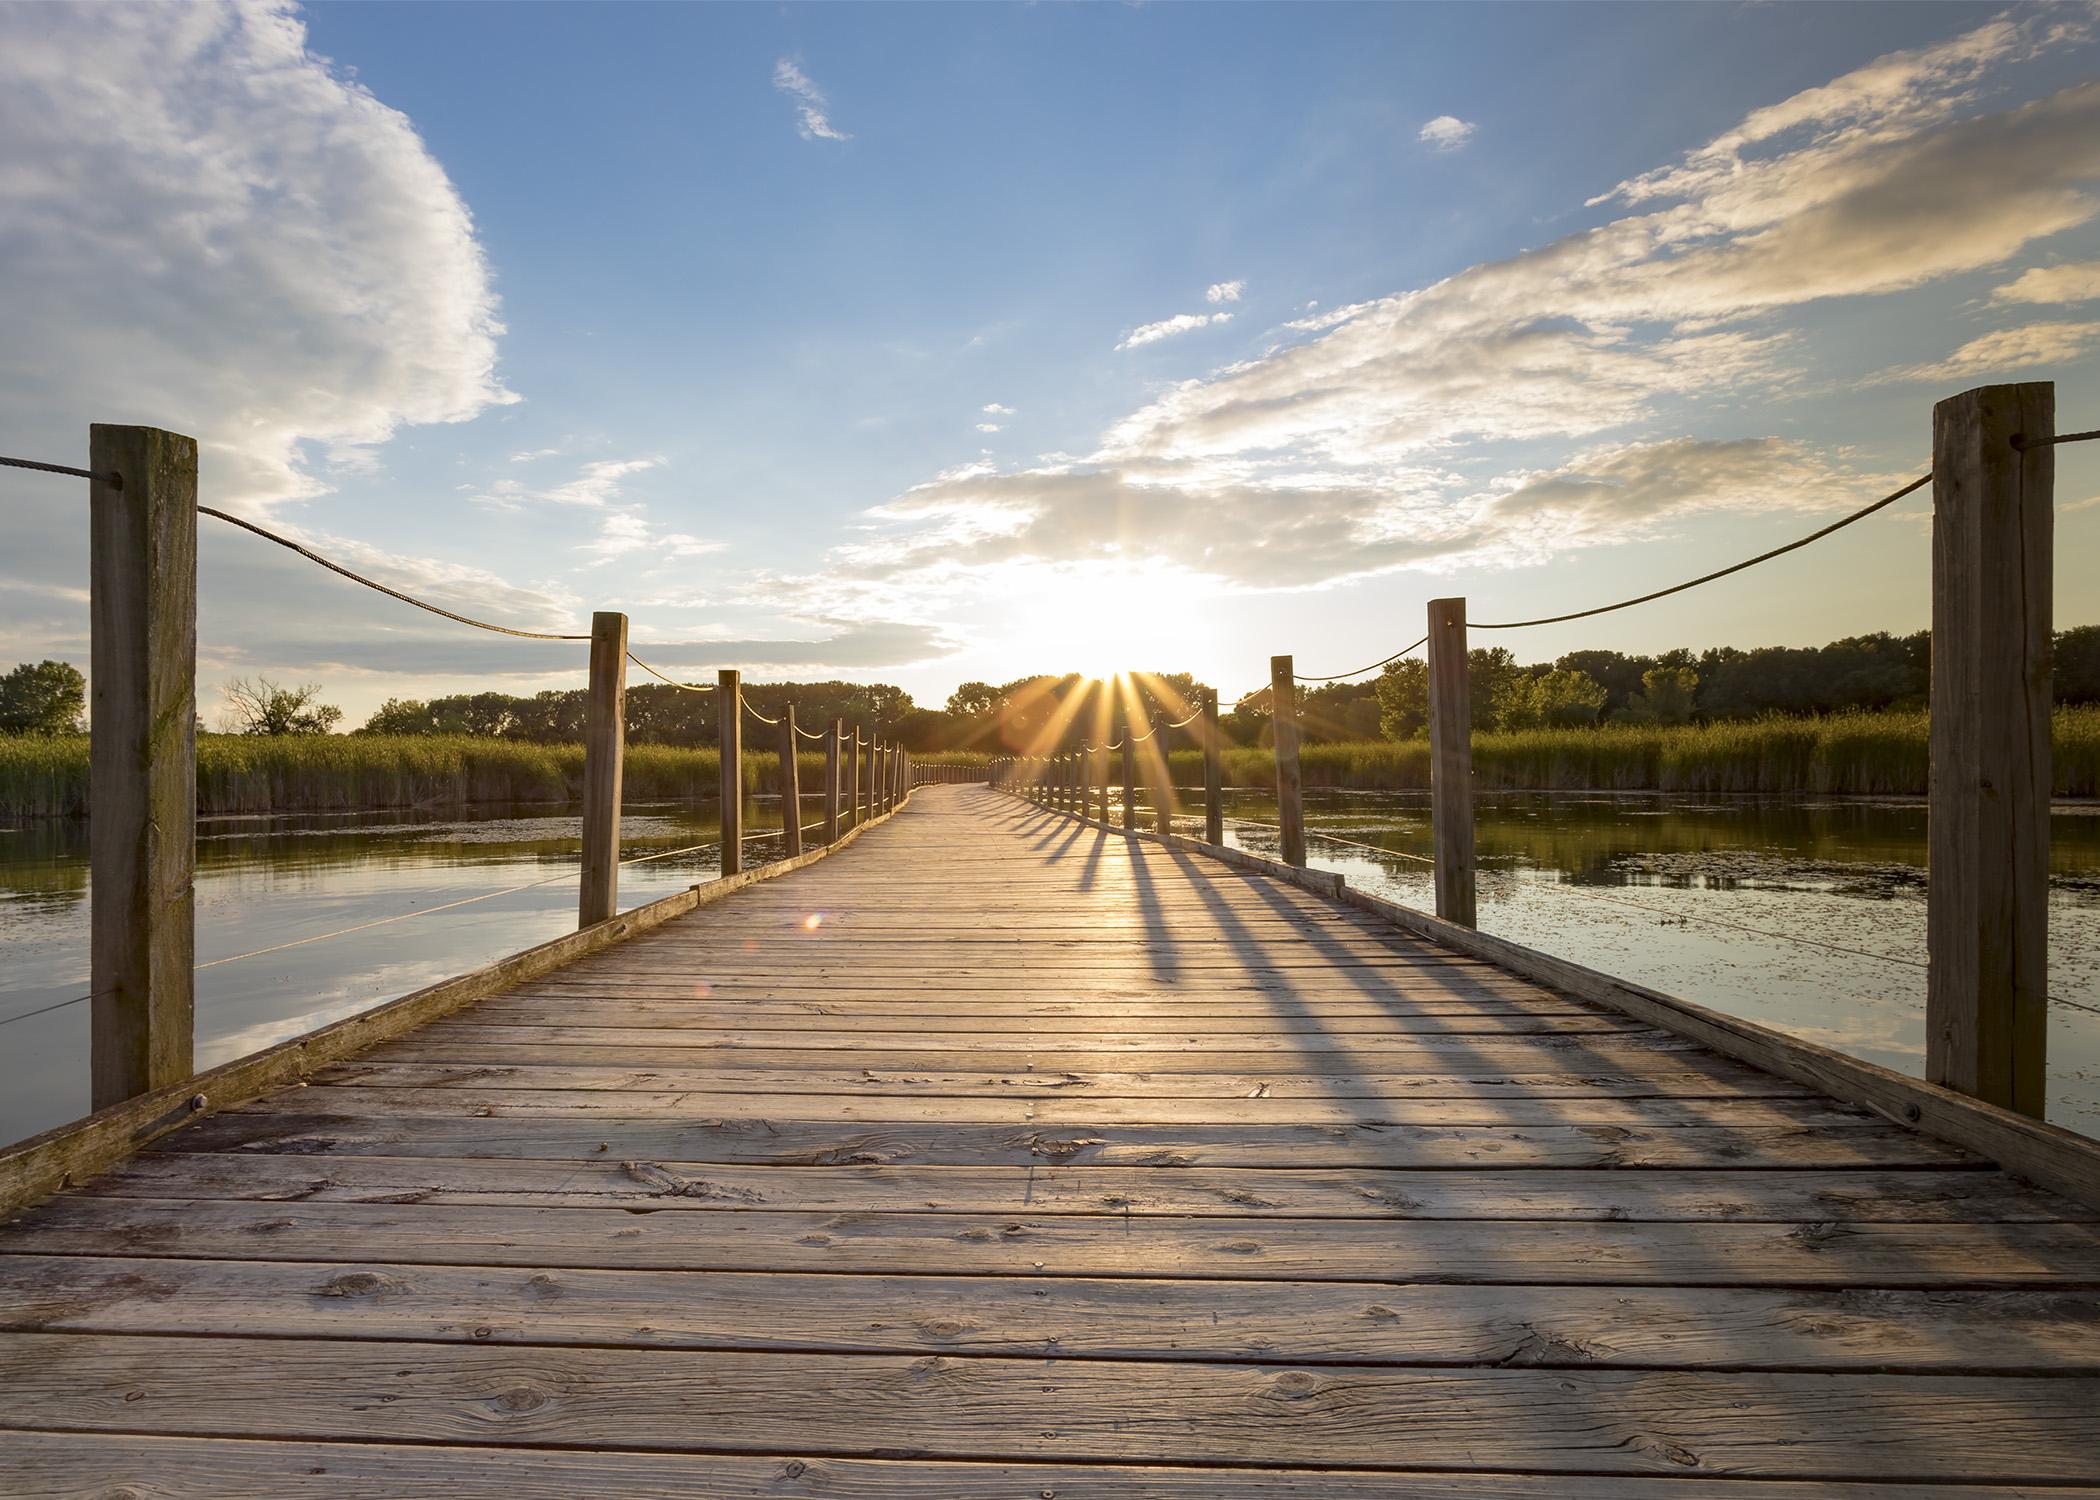 woodlake sunset - richfield